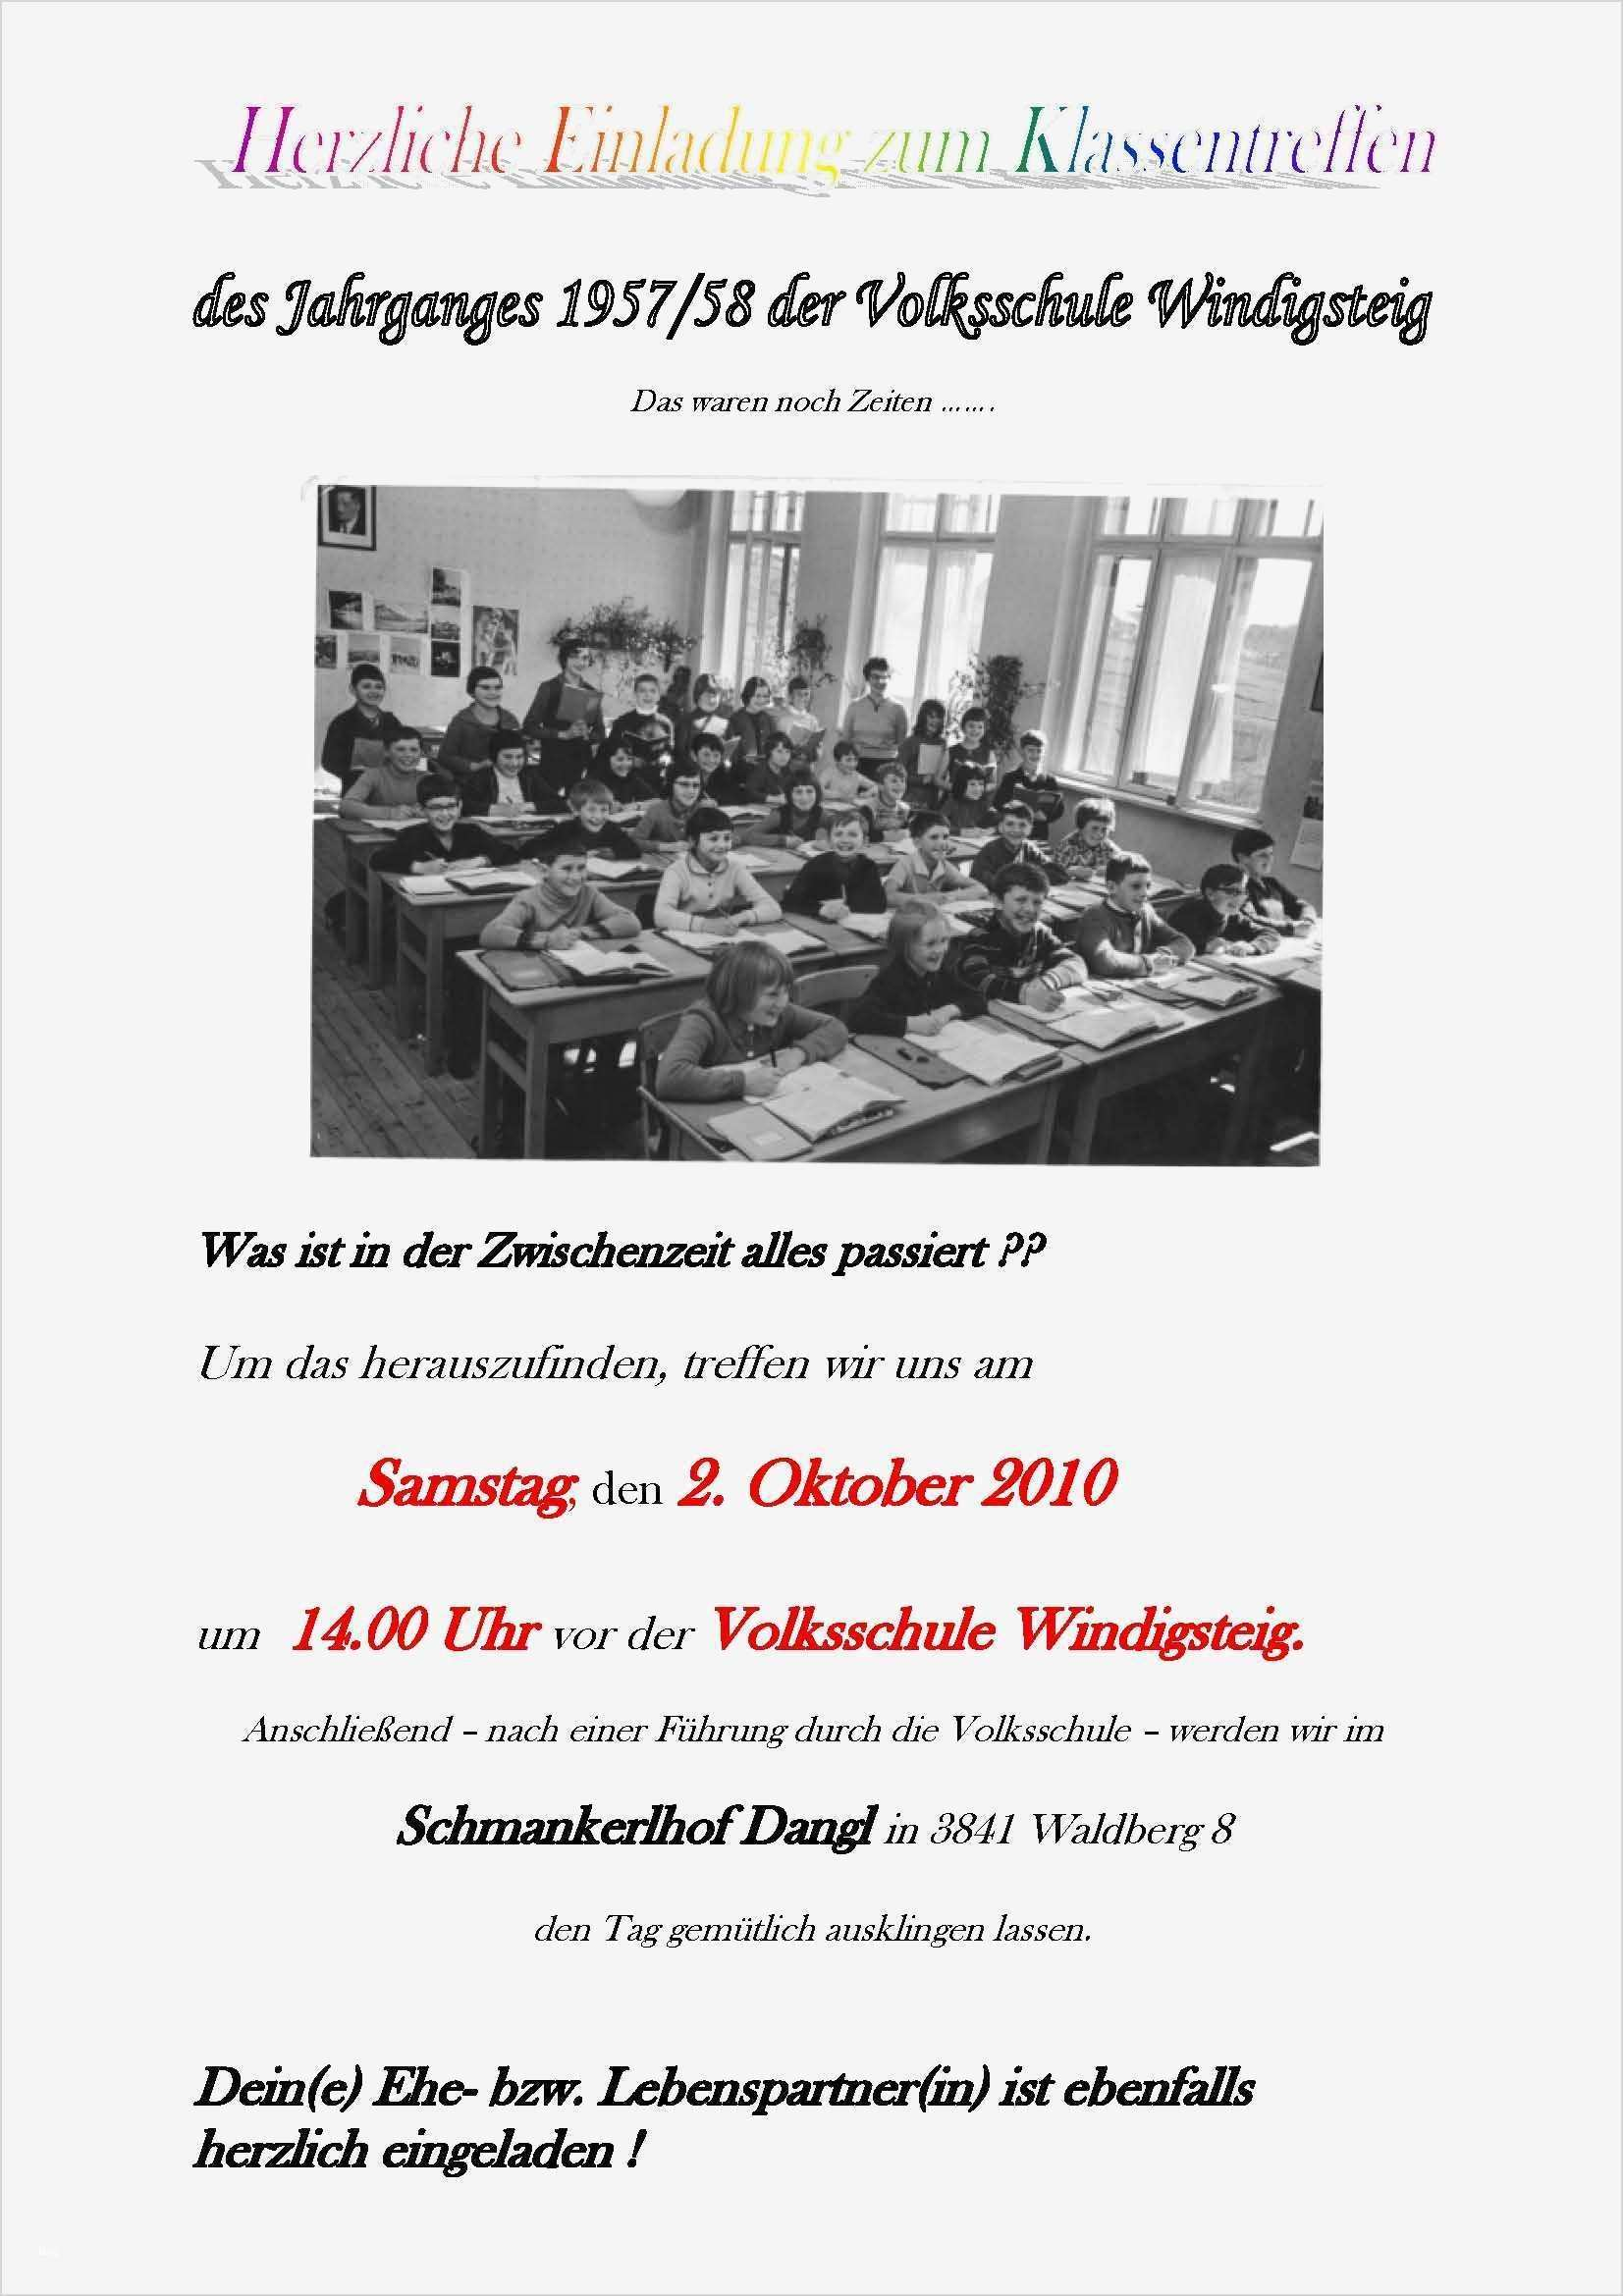 Einladung Klassentreffen Download Einladung Klassentreffen Drucken Vorlage Einladung Klasse Einladung Klassentreffen Einladung Vorlage Kostenlos Klassentreffen